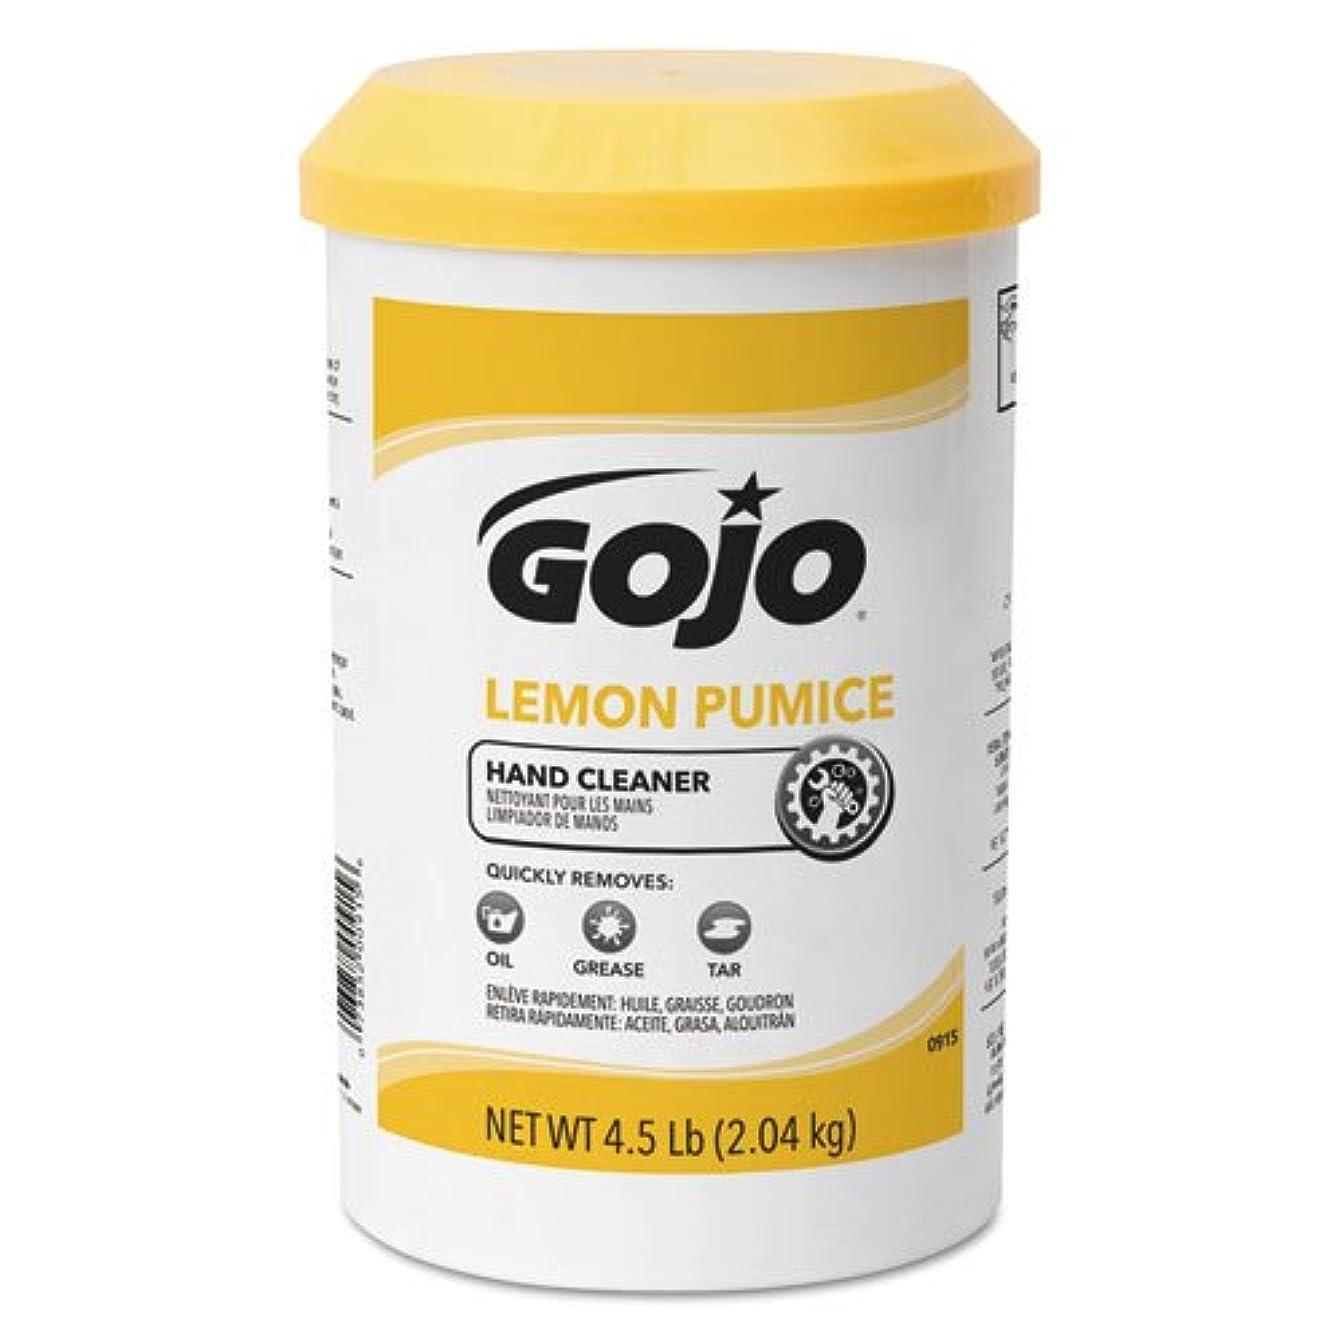 前任者アプライアンスインゲンGojo レモンプーミス ハンドクリーナー レモンの香り 4.5ポンド GOJ0915